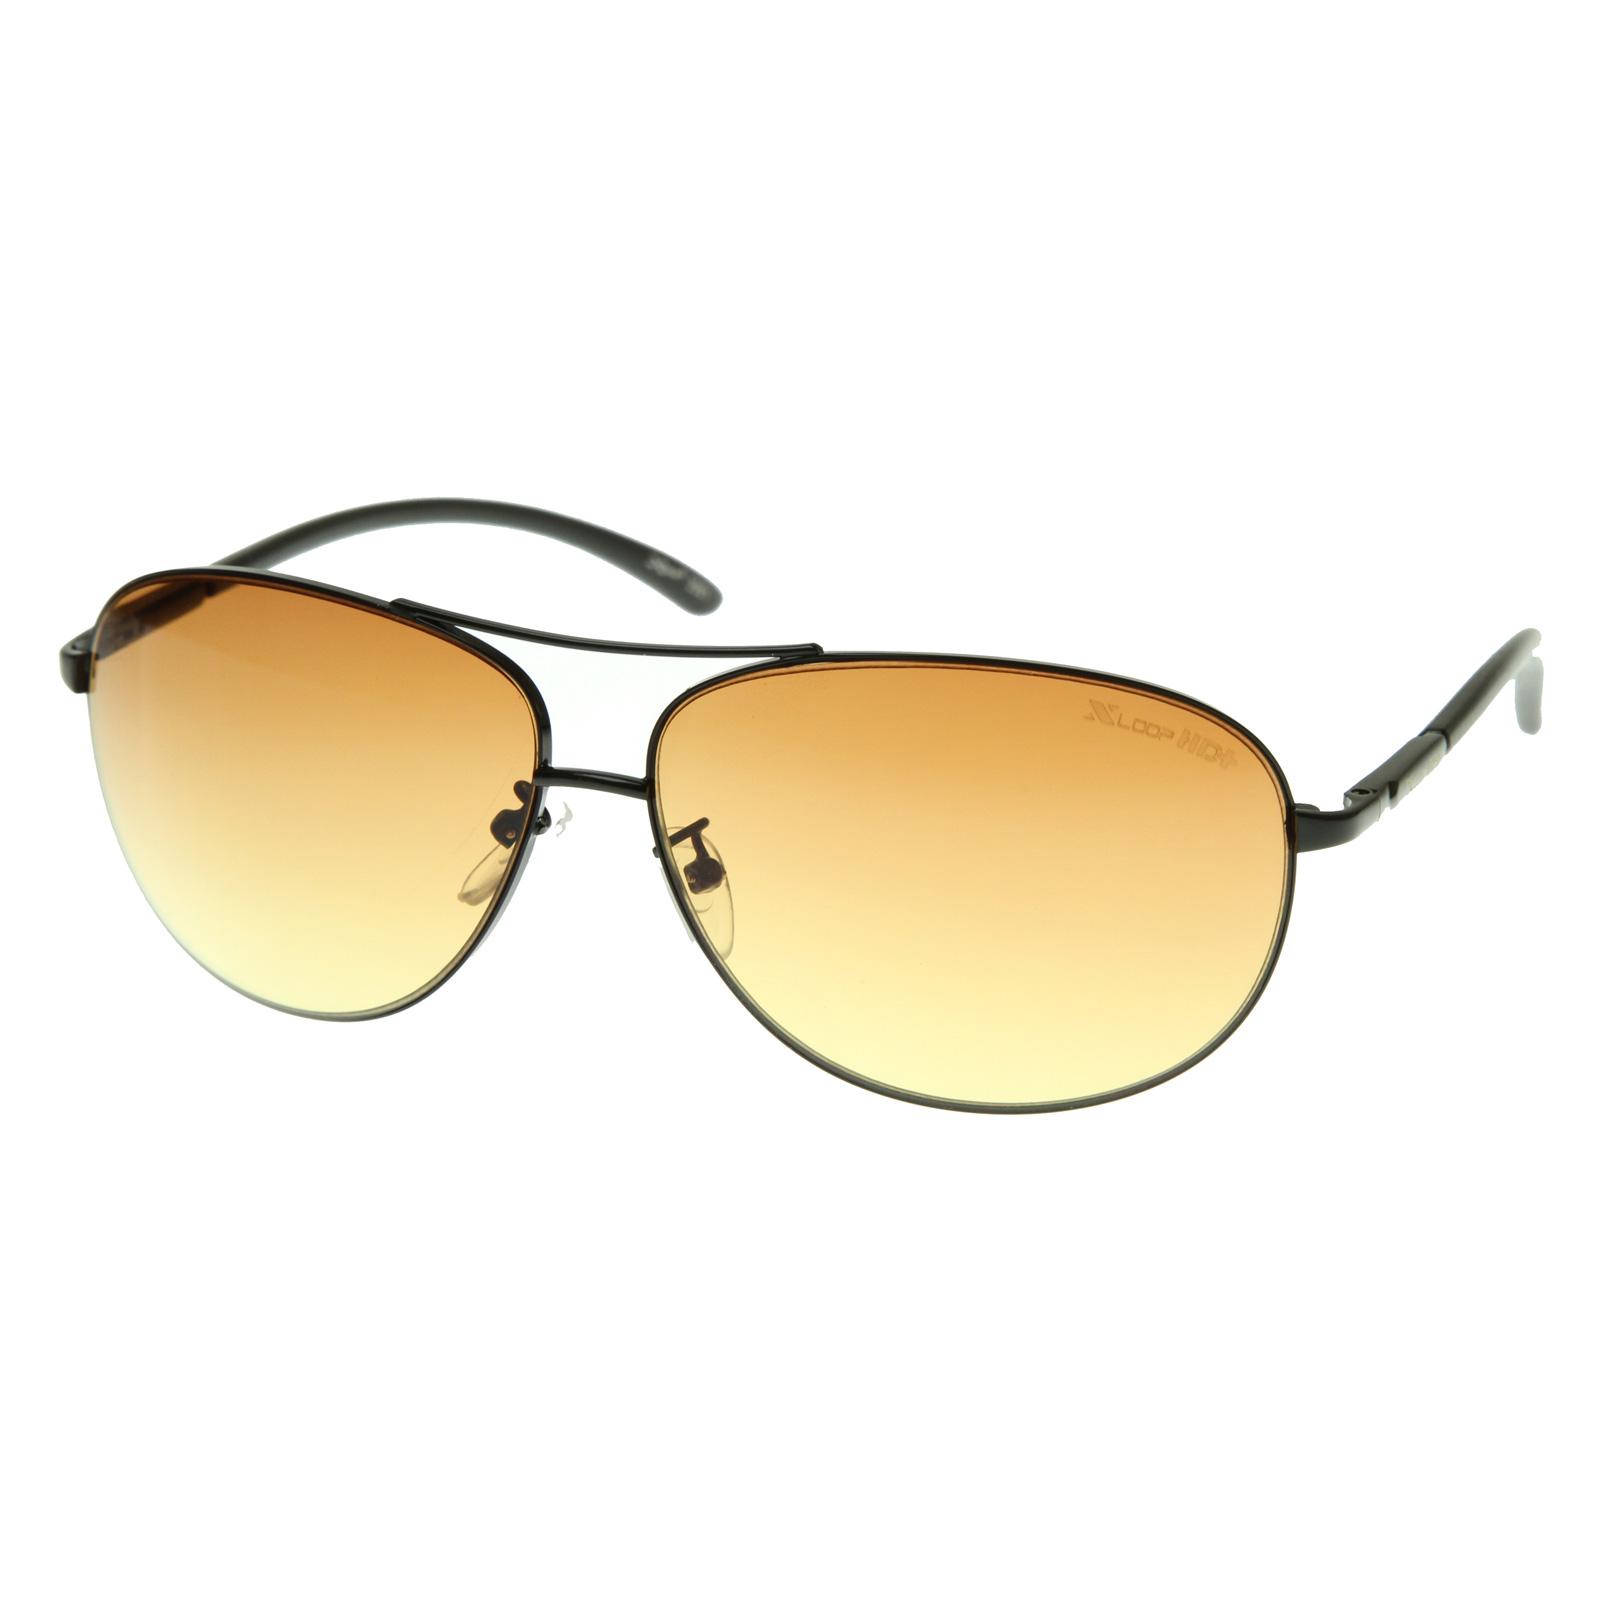 c8dc2a27a8 X Loop Hd Sunglasses Reviews